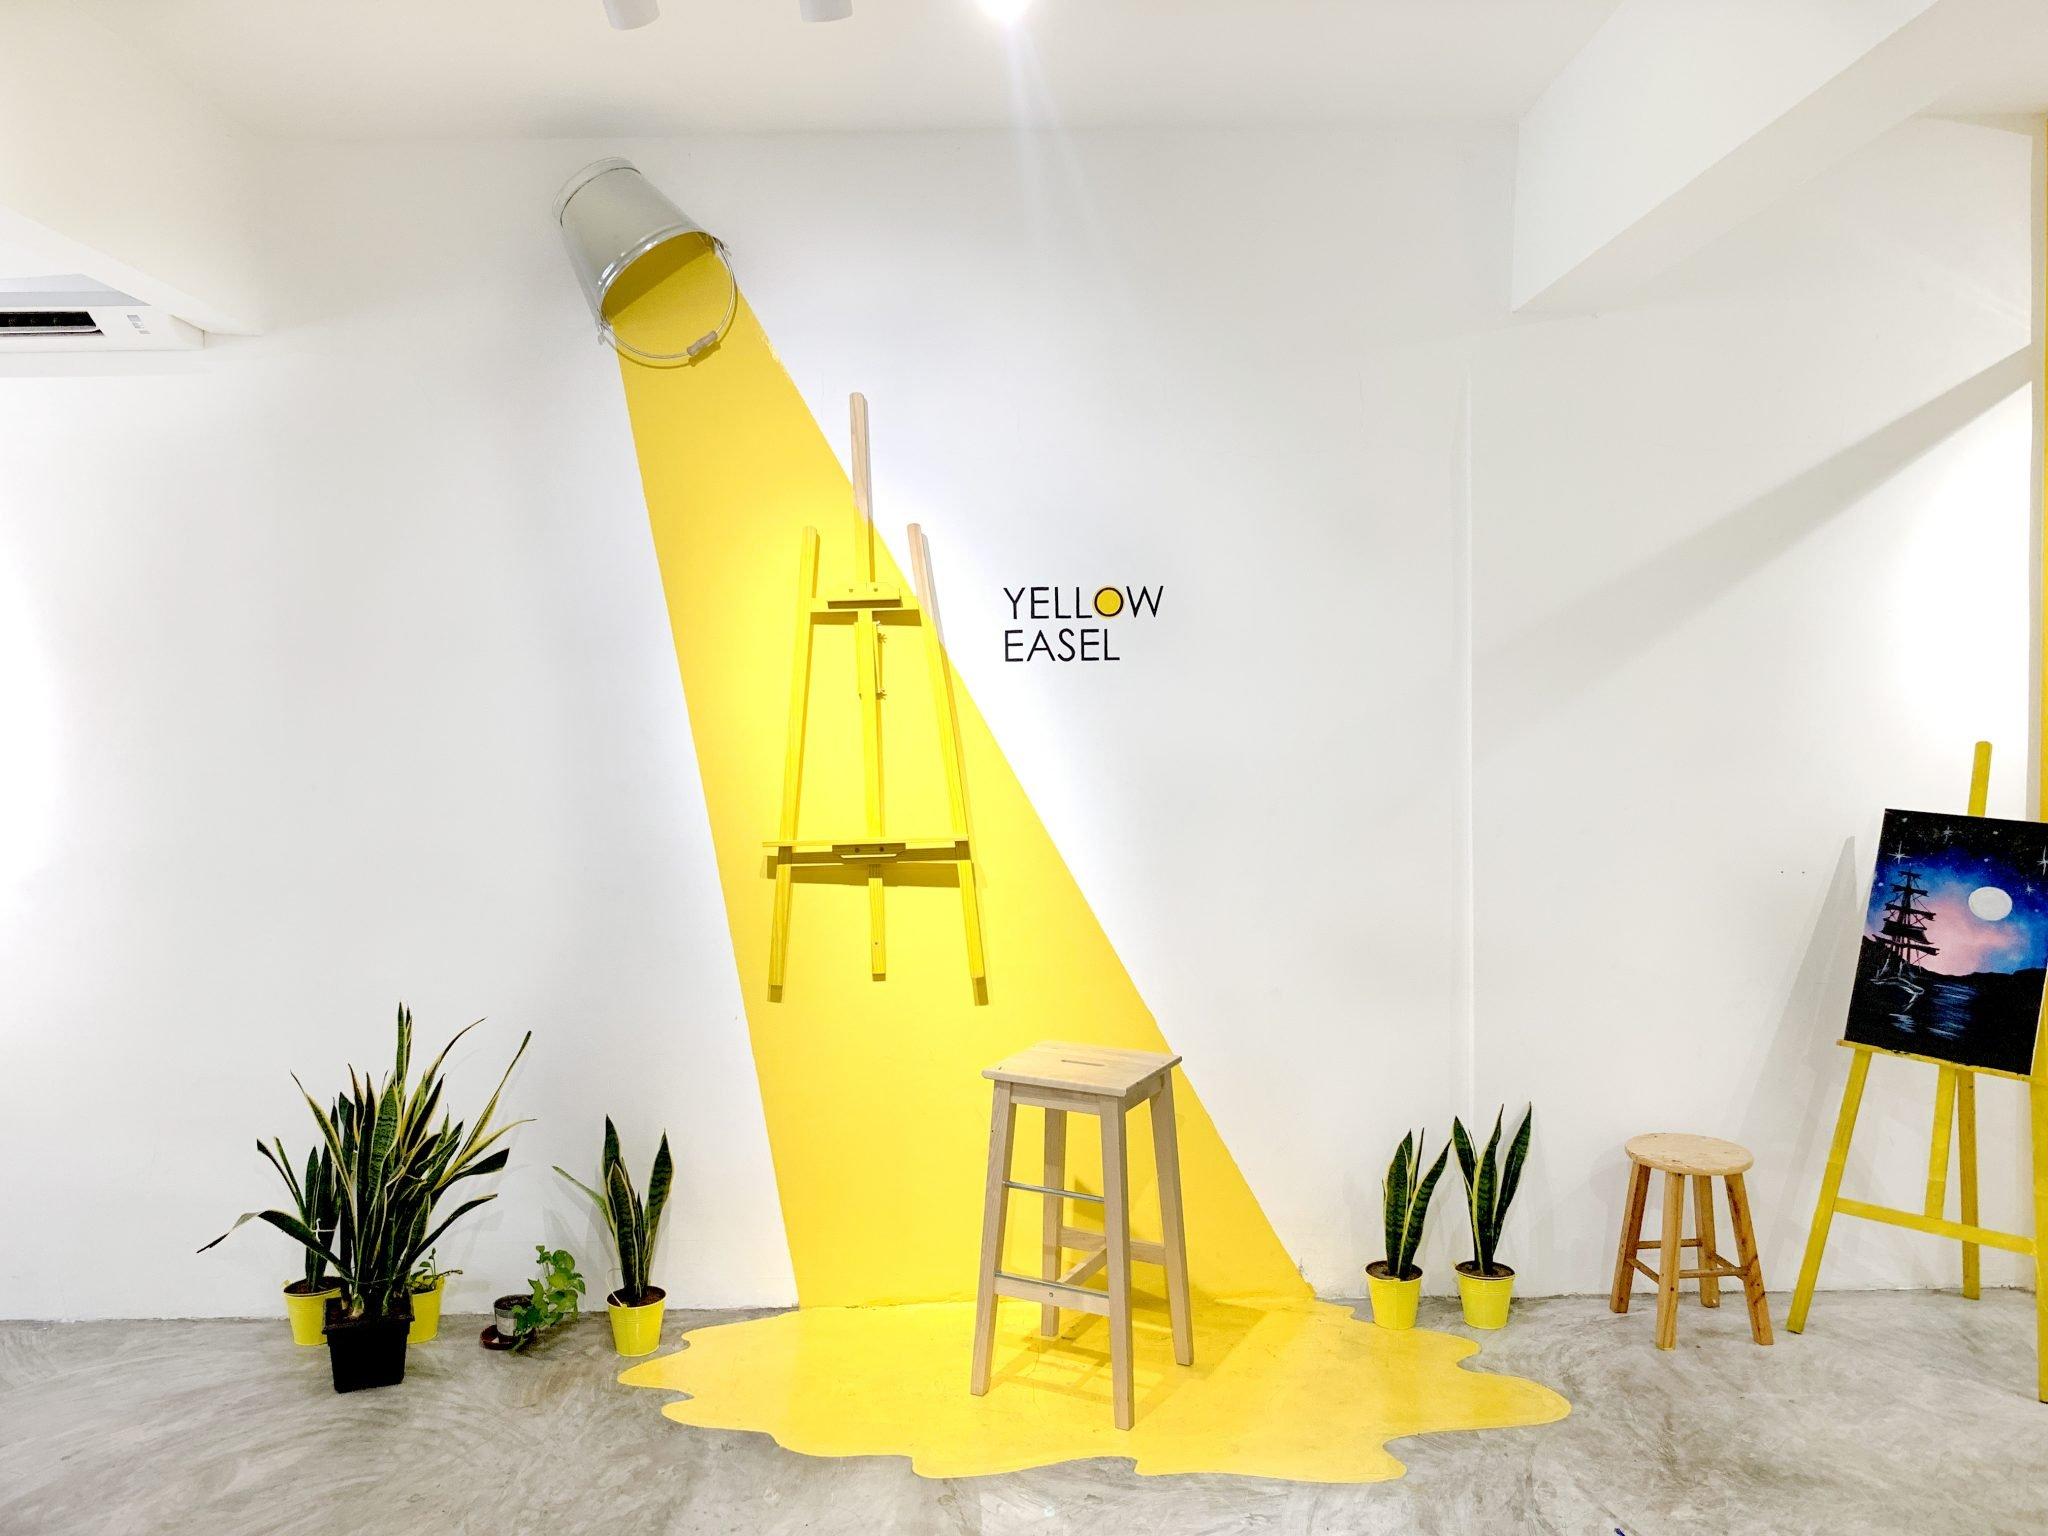 Yellow Easel Malaysia